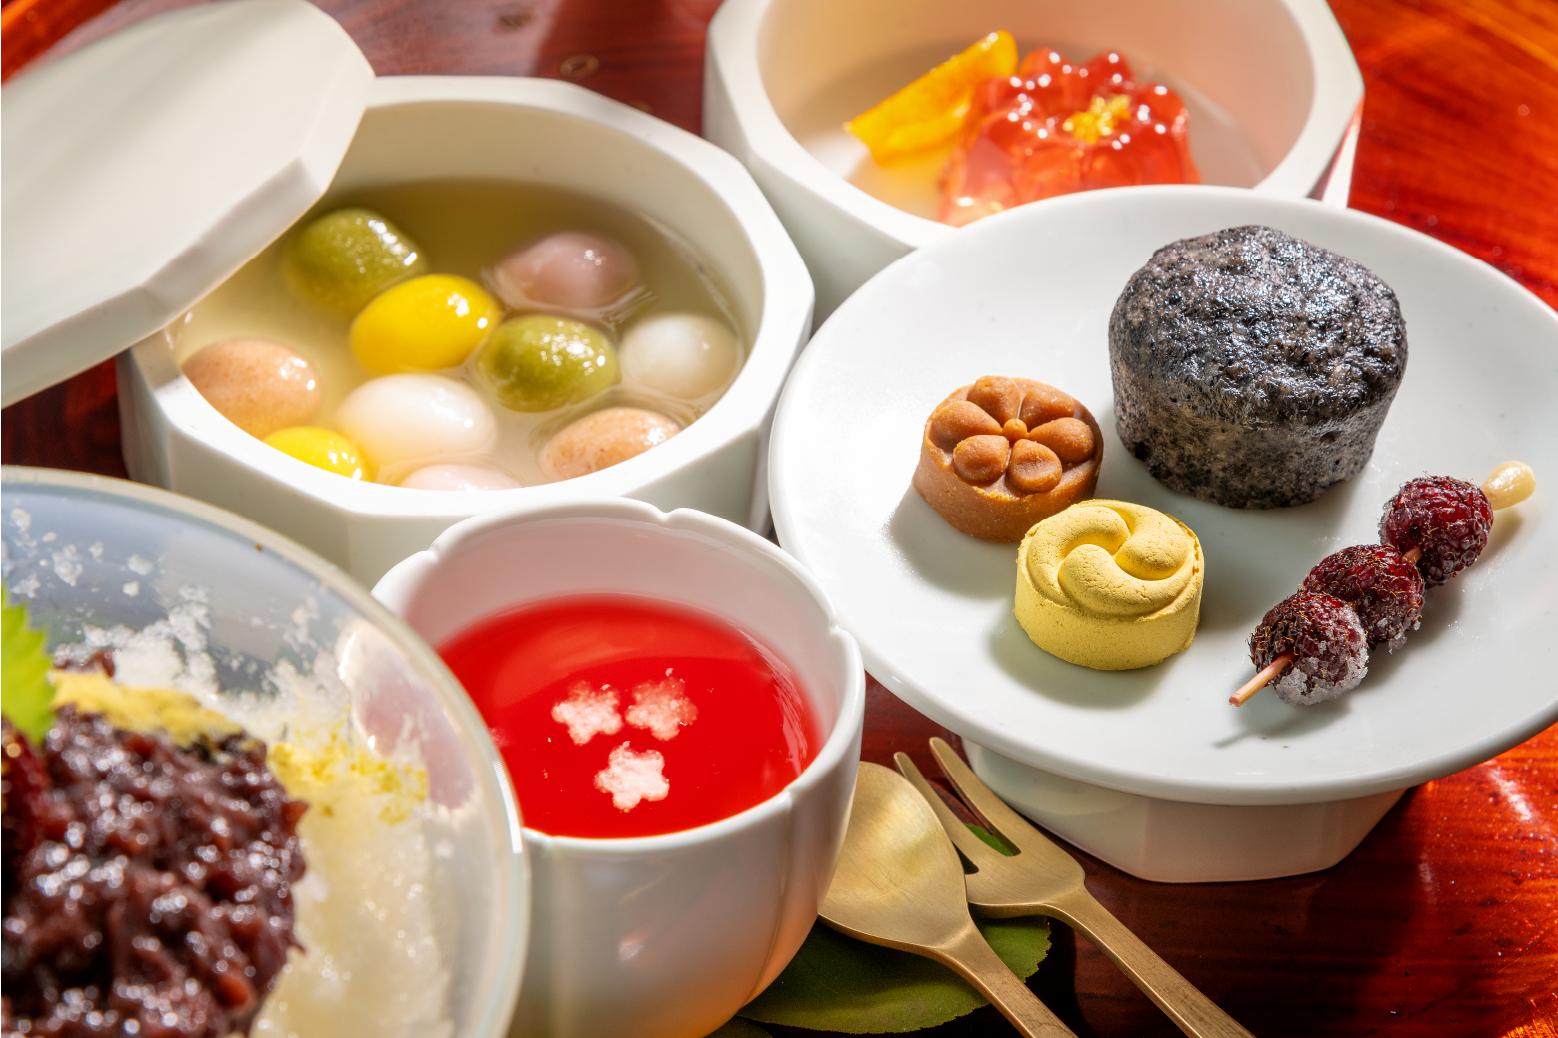 Корейские традиционные сладости вблизи. На белой посуде видно разноцветные рисовые пирожки и красный чай из плодов лимонника